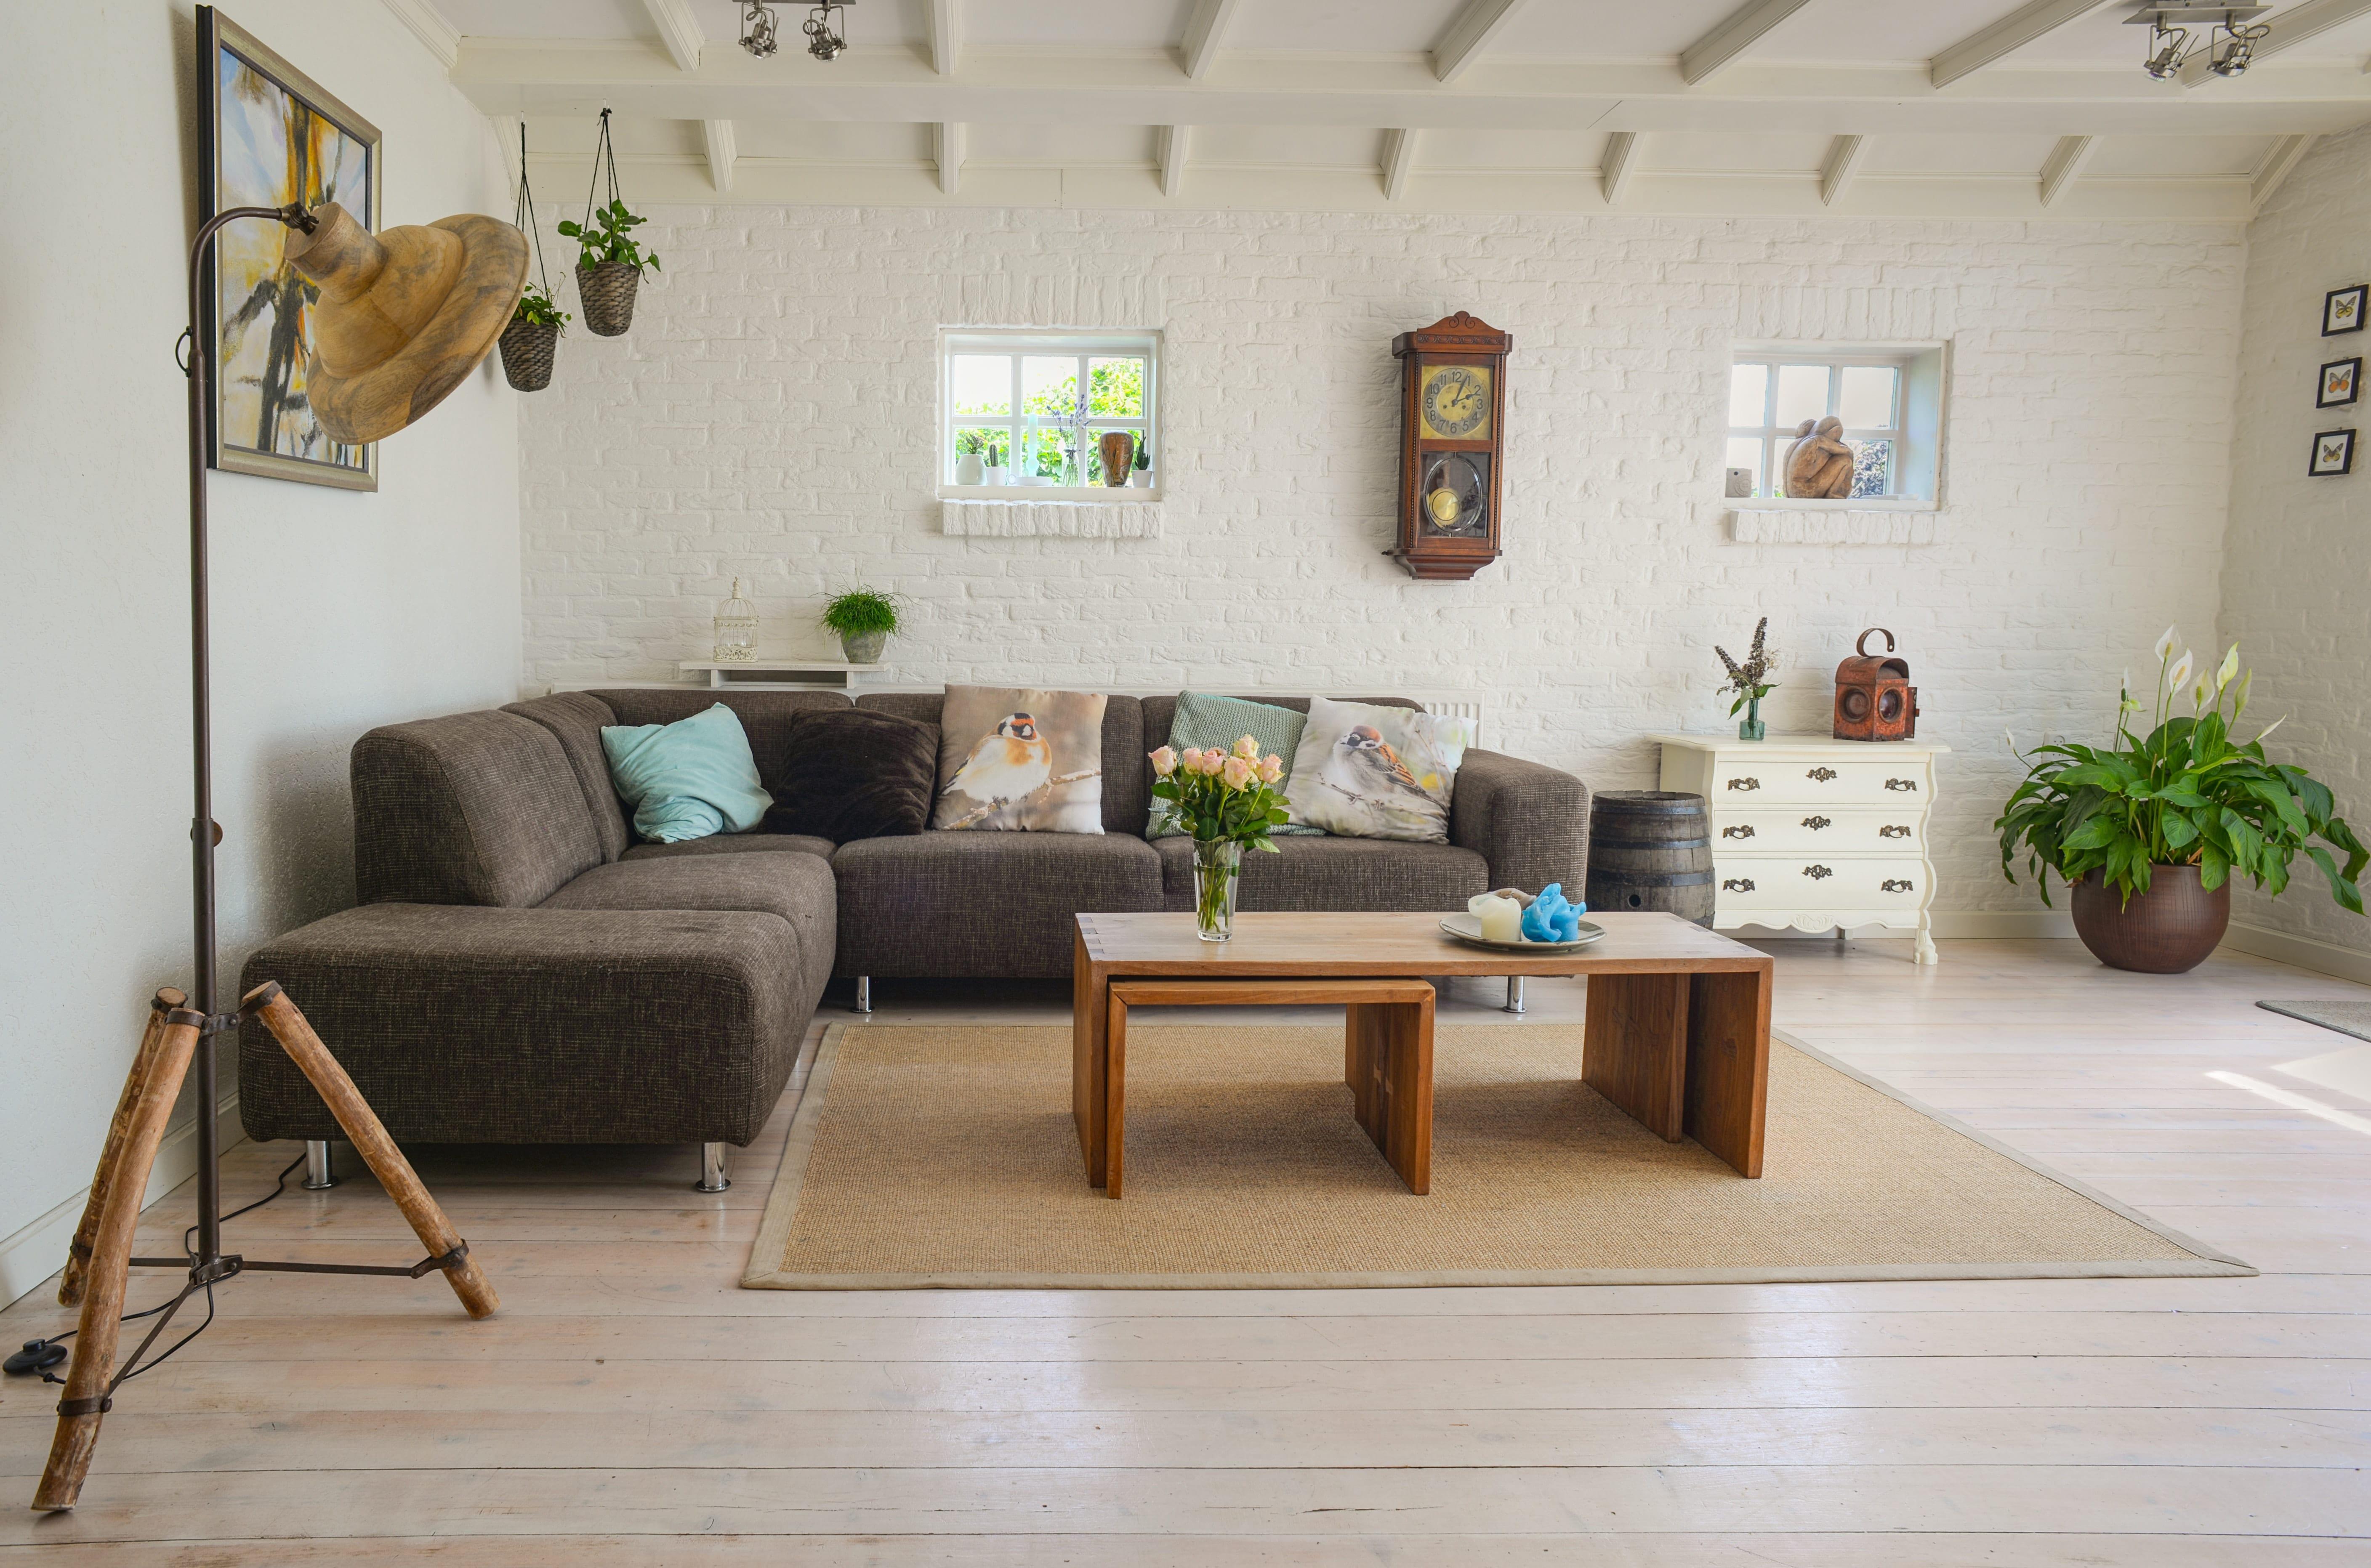 Um eine schöne Wohnung oder WG zu finden, braucht man Geduld.